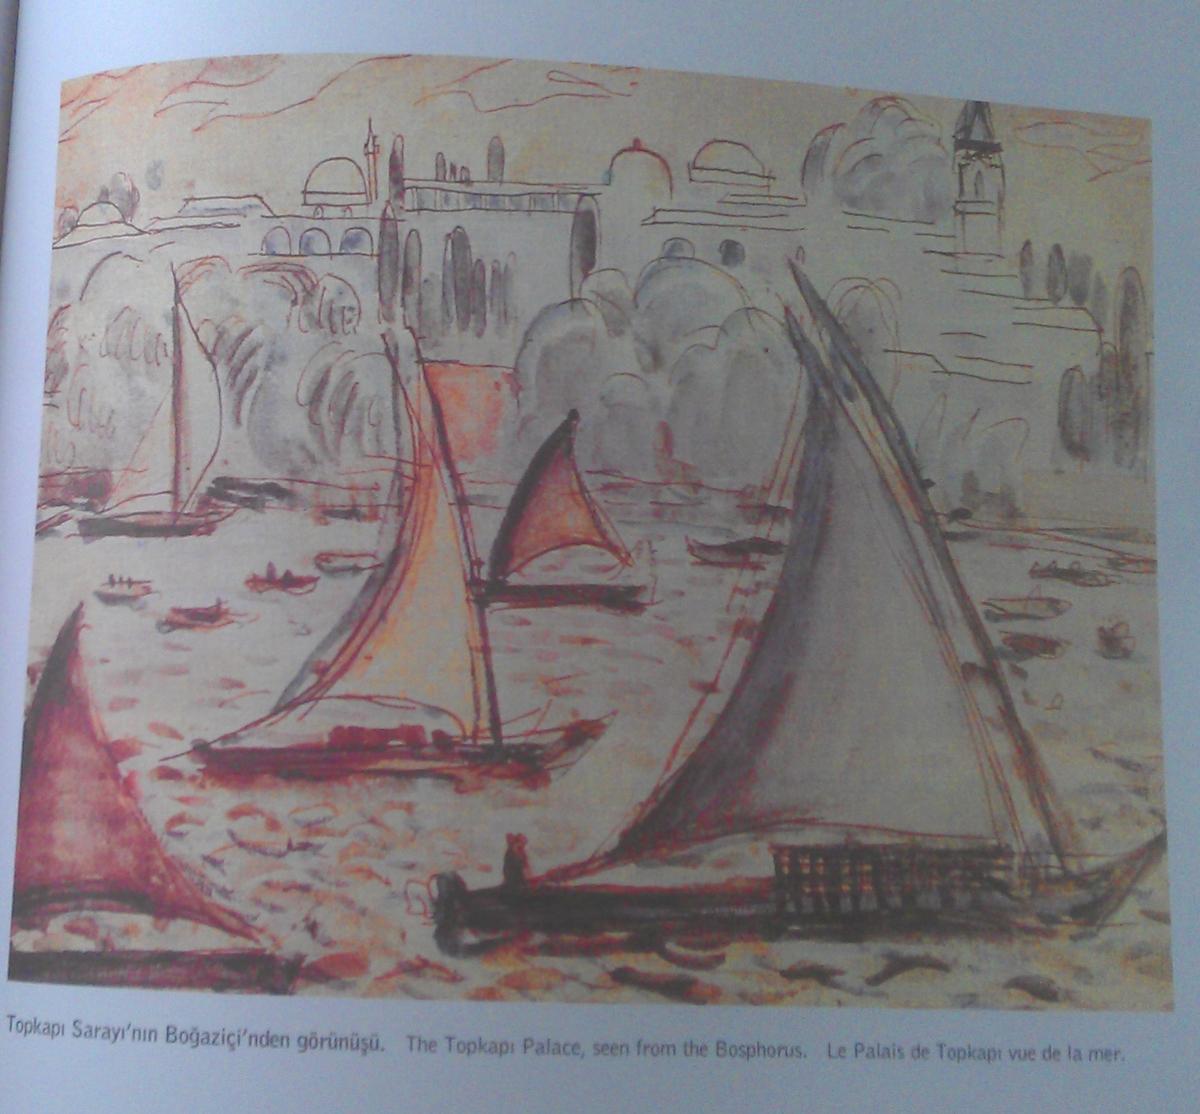 Corbusier watercolor